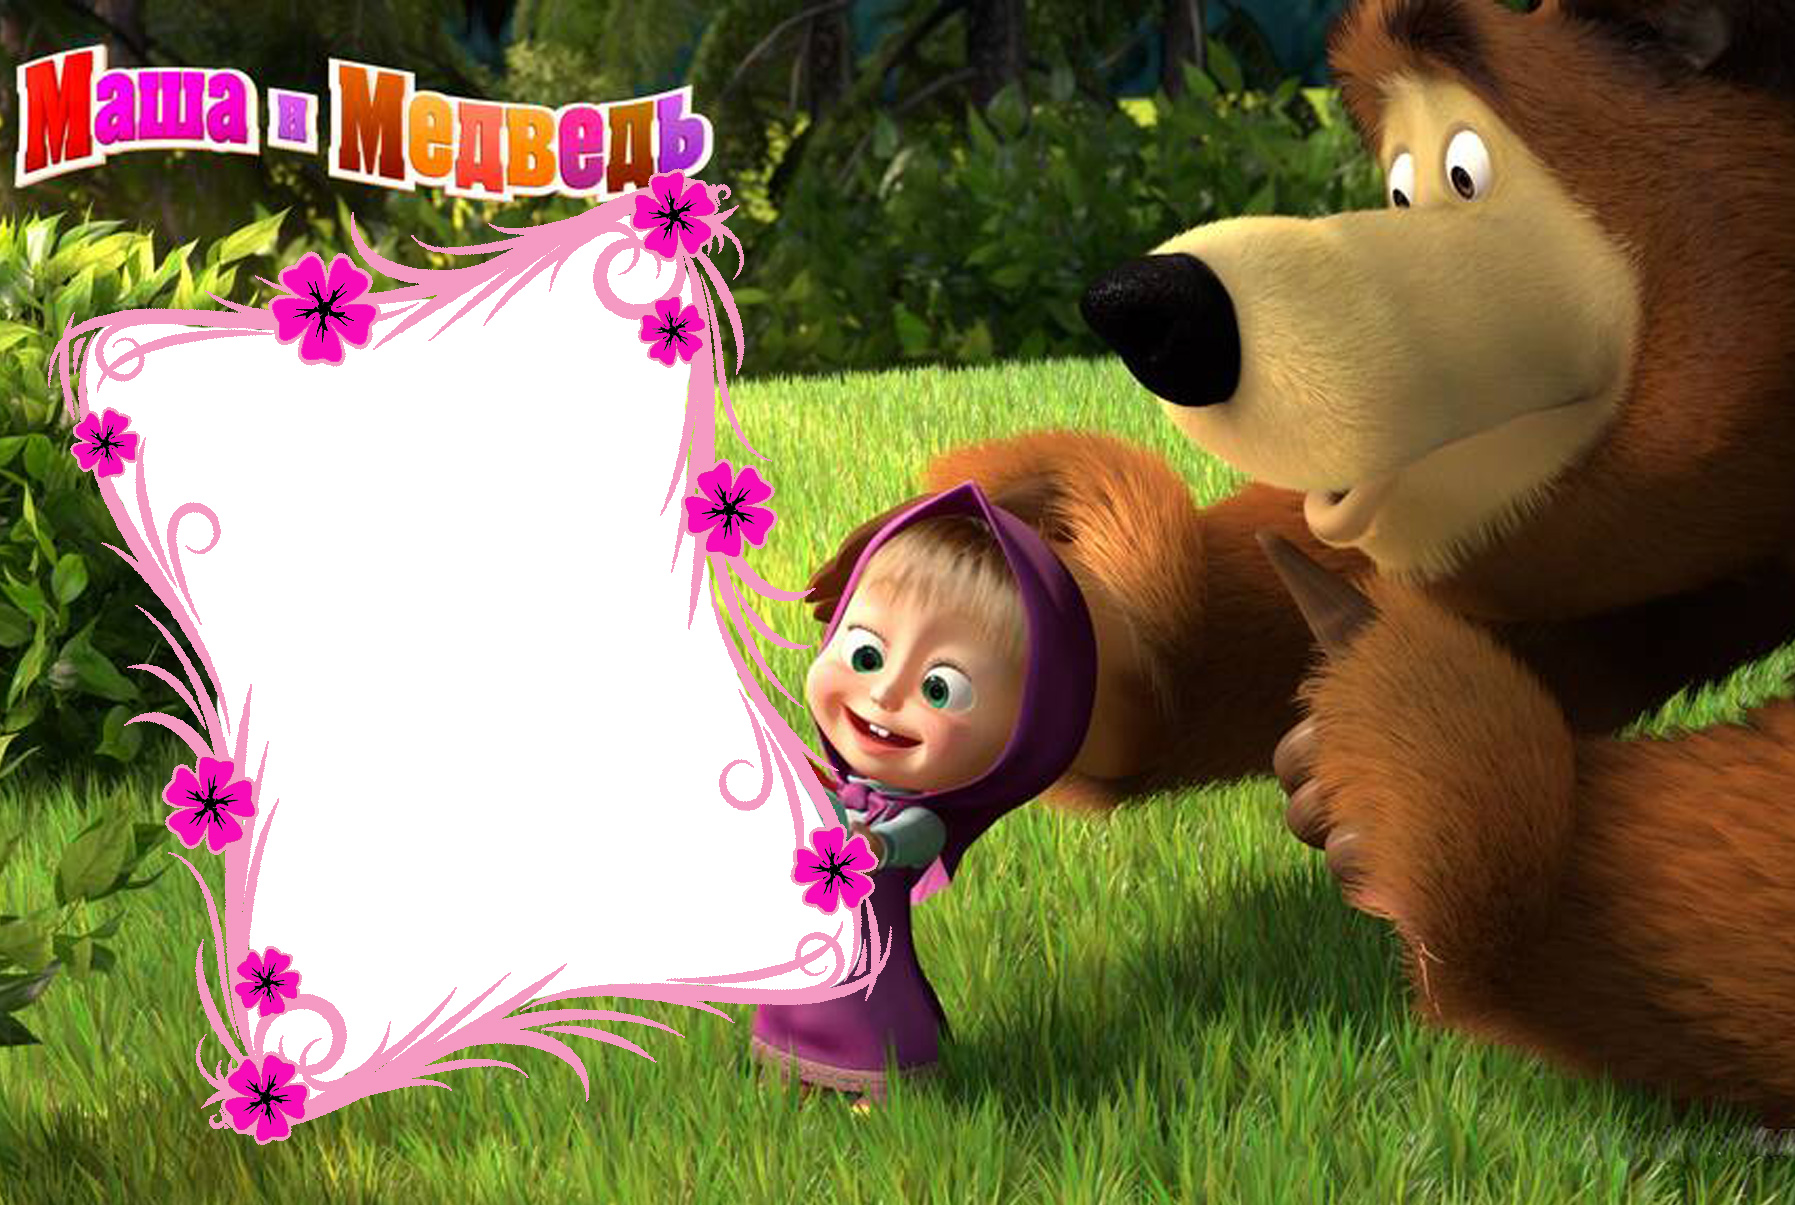 фото из мультфильма хороший динозавр